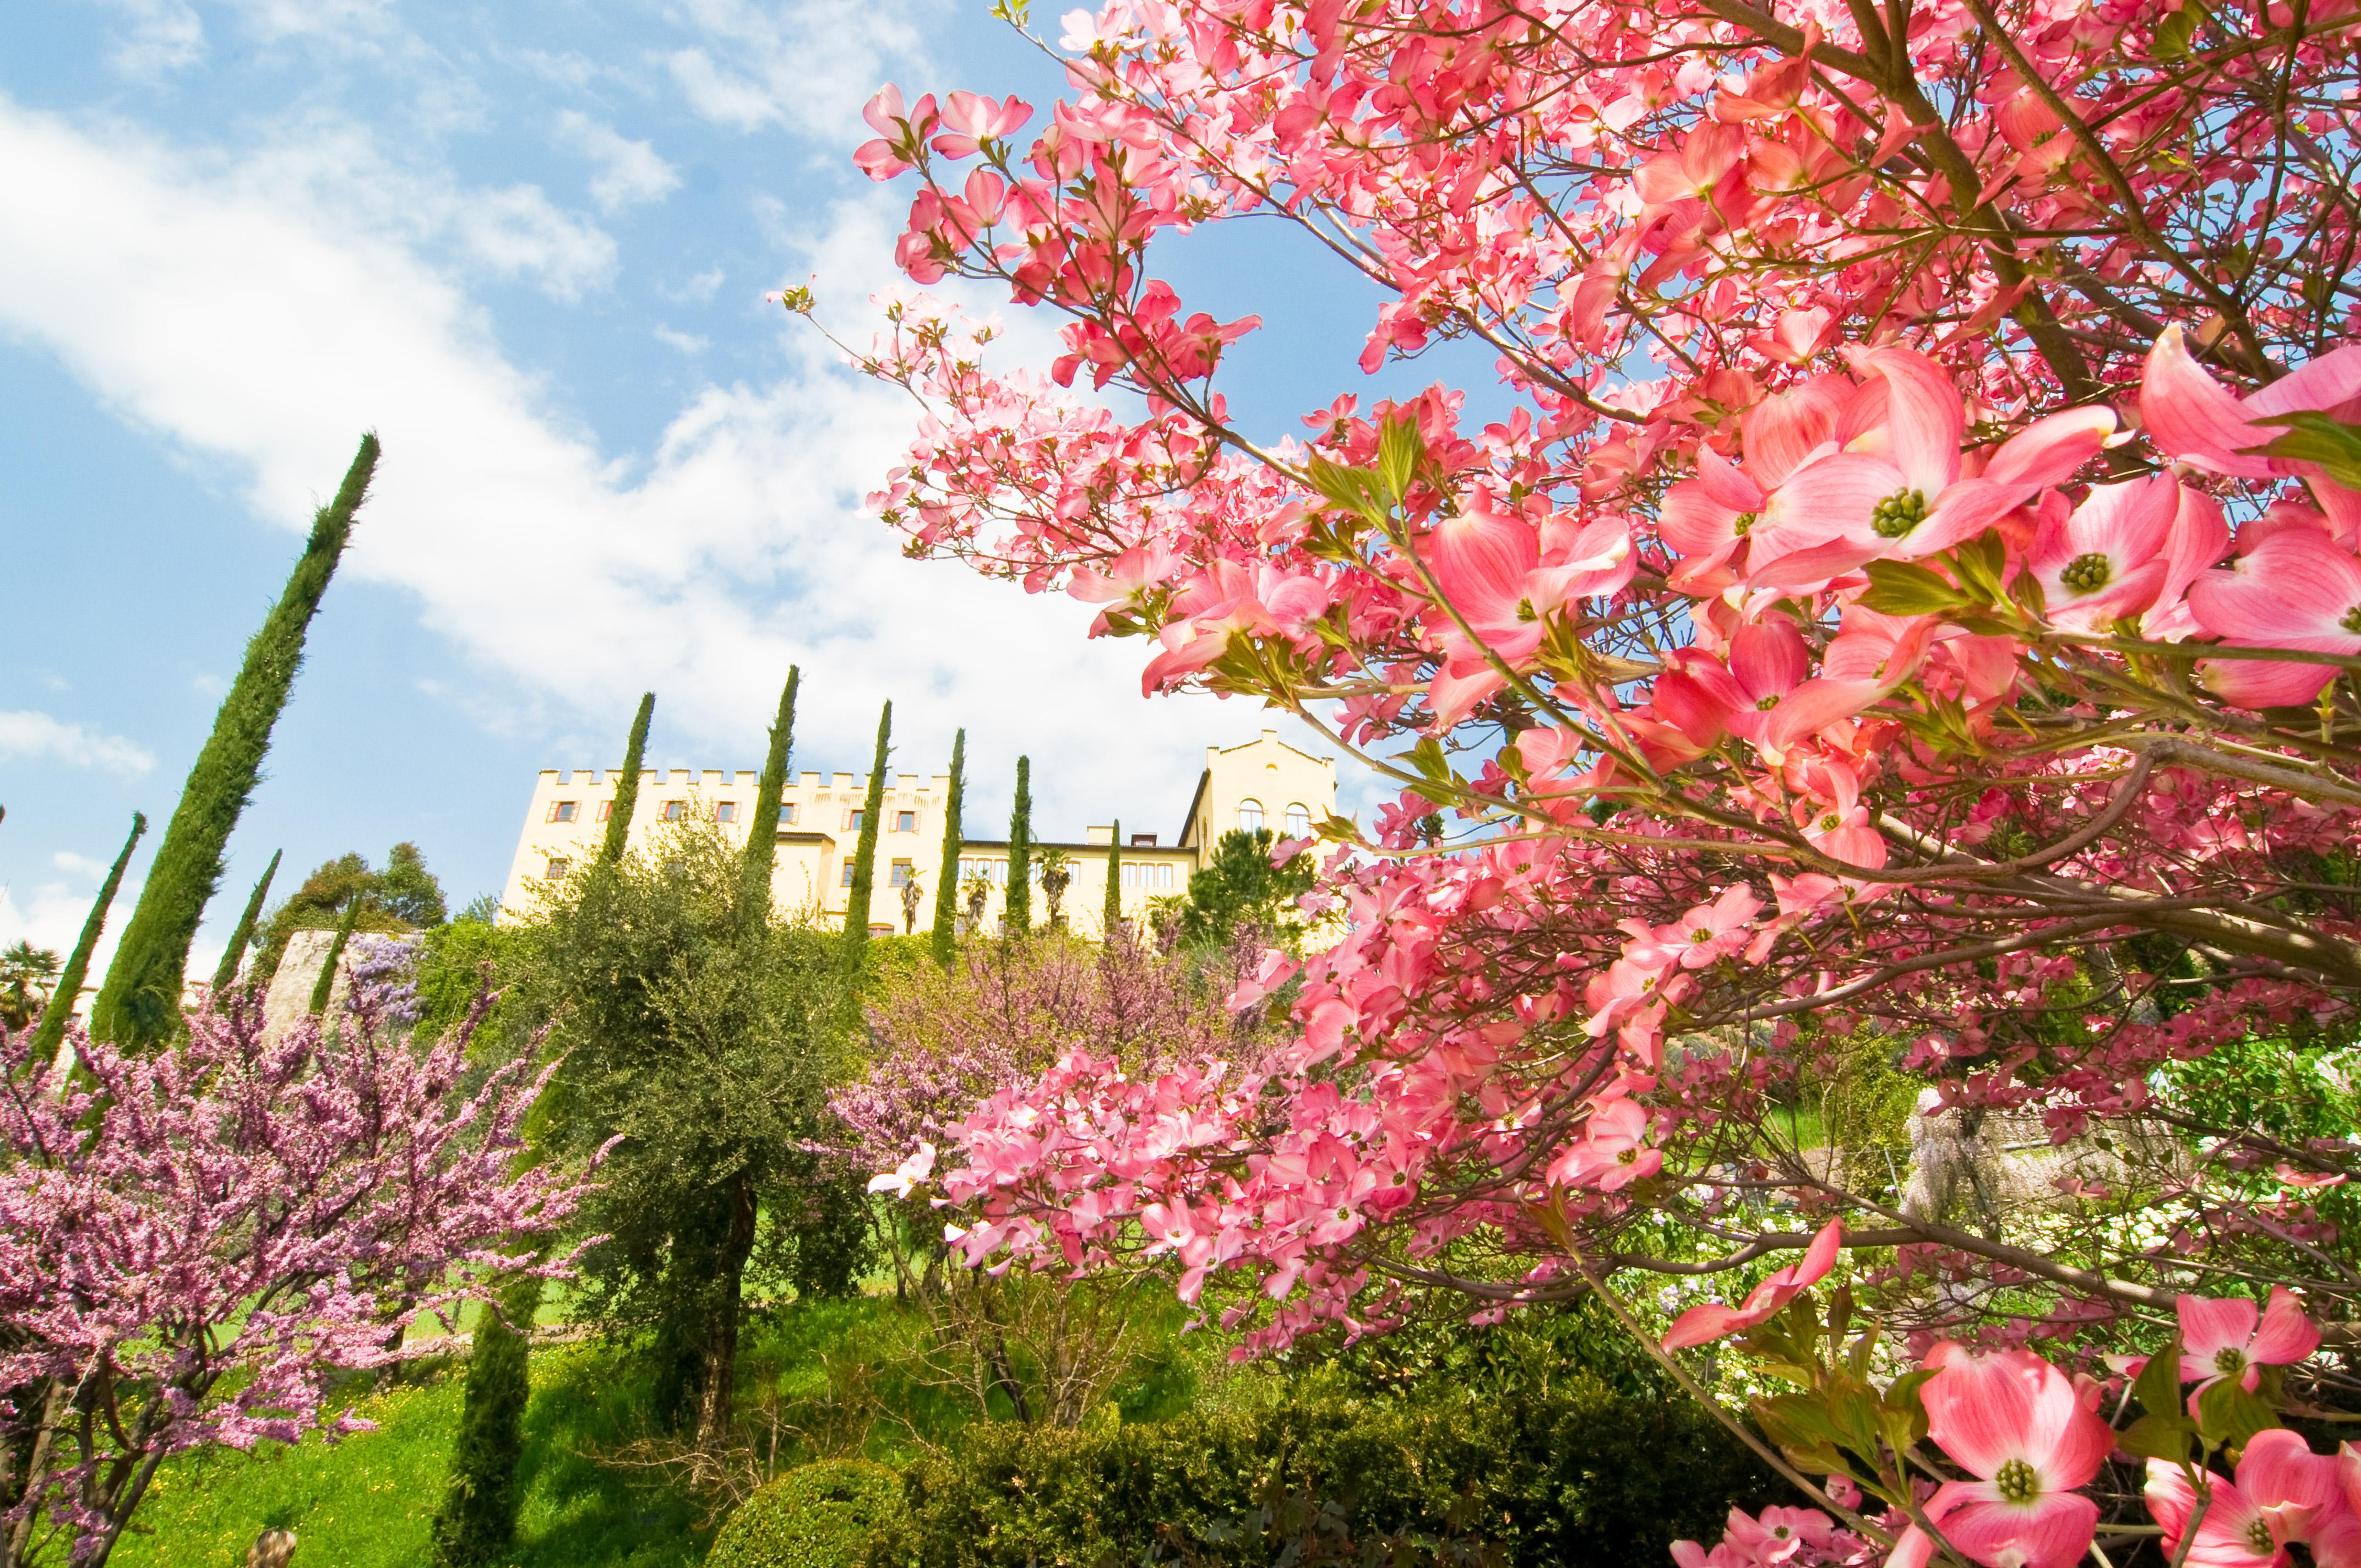 Piante Fiorite Tutto L Anno : Parchi e giardini in fiore dove si trovano quelli più